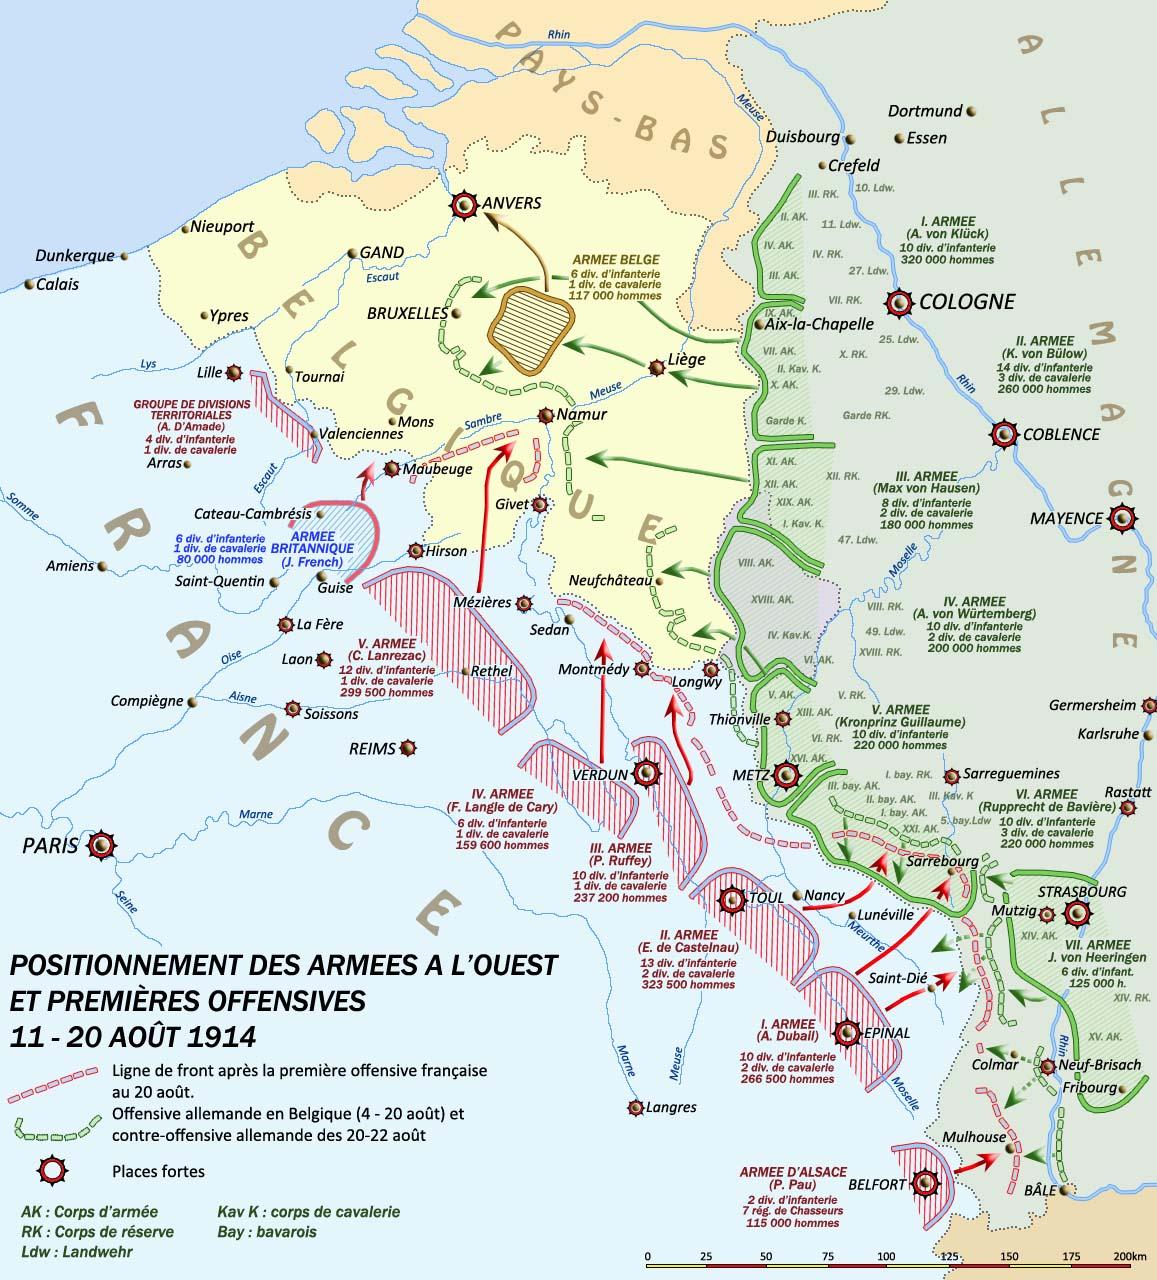 Positionnement des armées à l'ouest et premières offensives 11-20 août 1917 ; au centre la position de la IVe Armée (site crdp-strasbourg.fr)